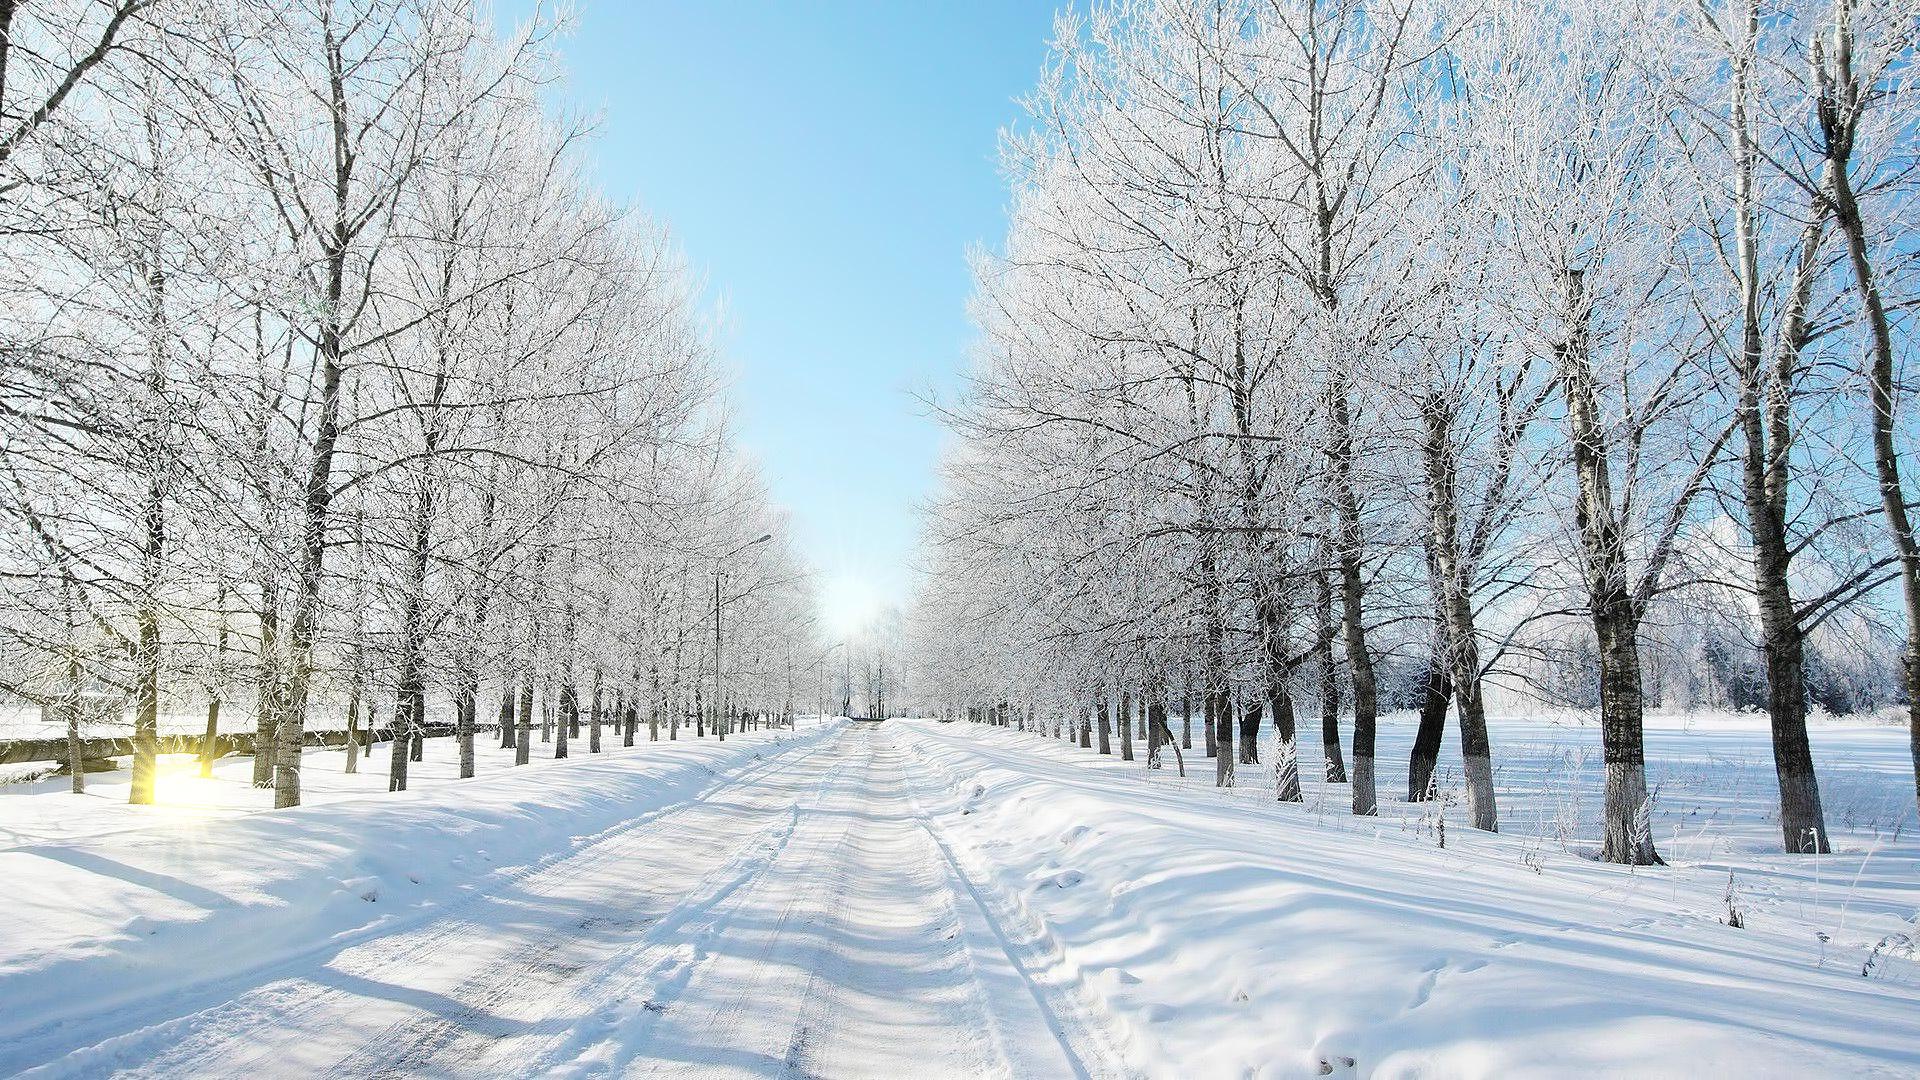 31918 скачать обои Пейзаж, Зима, Дороги - заставки и картинки бесплатно